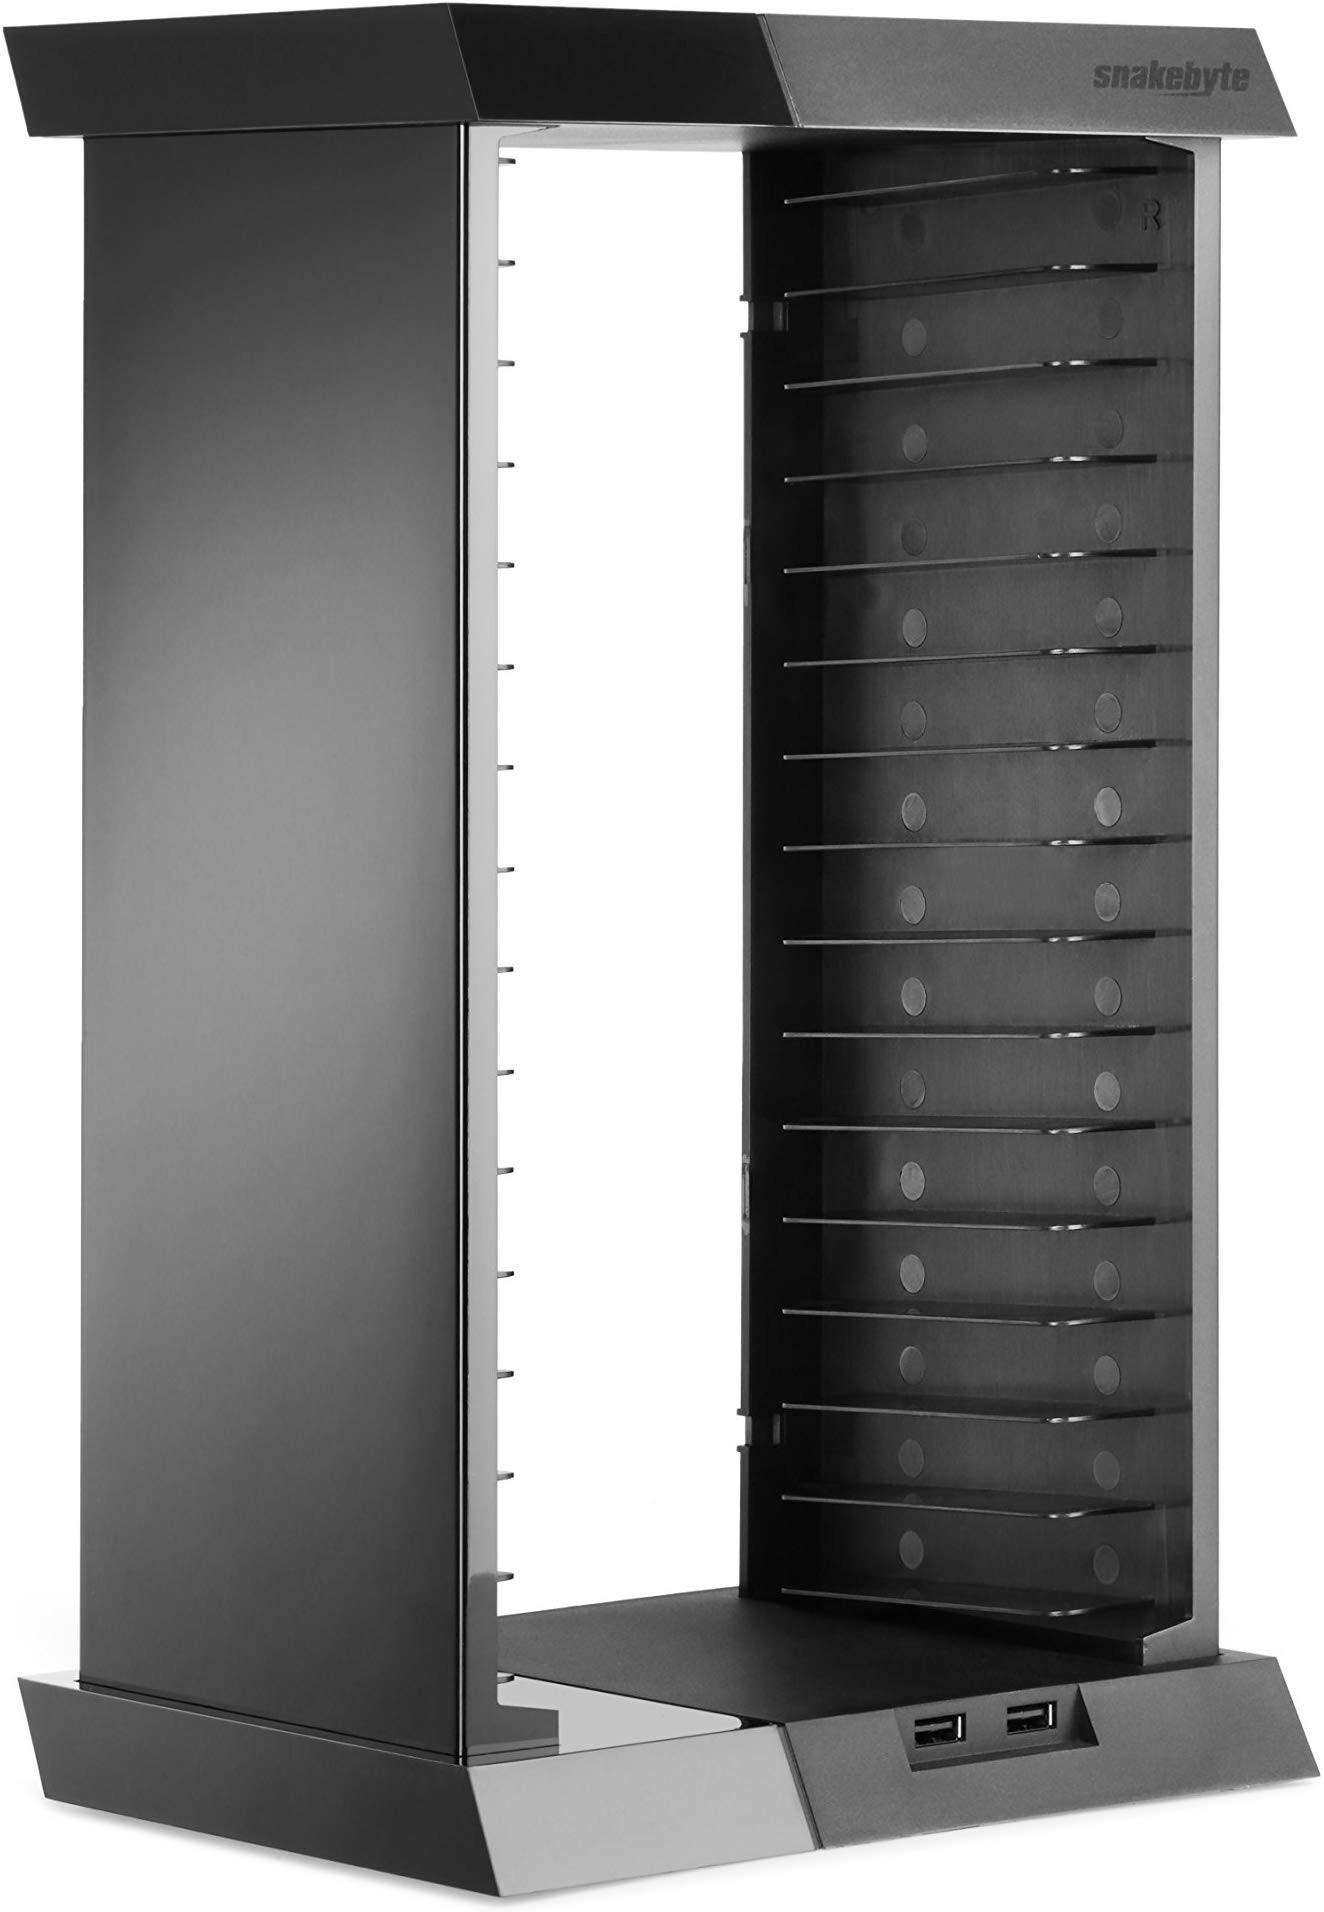 Snakebyte Organizer Charge:Tower z ładowarką do kontrolerów PS4 SB910340 SB910340